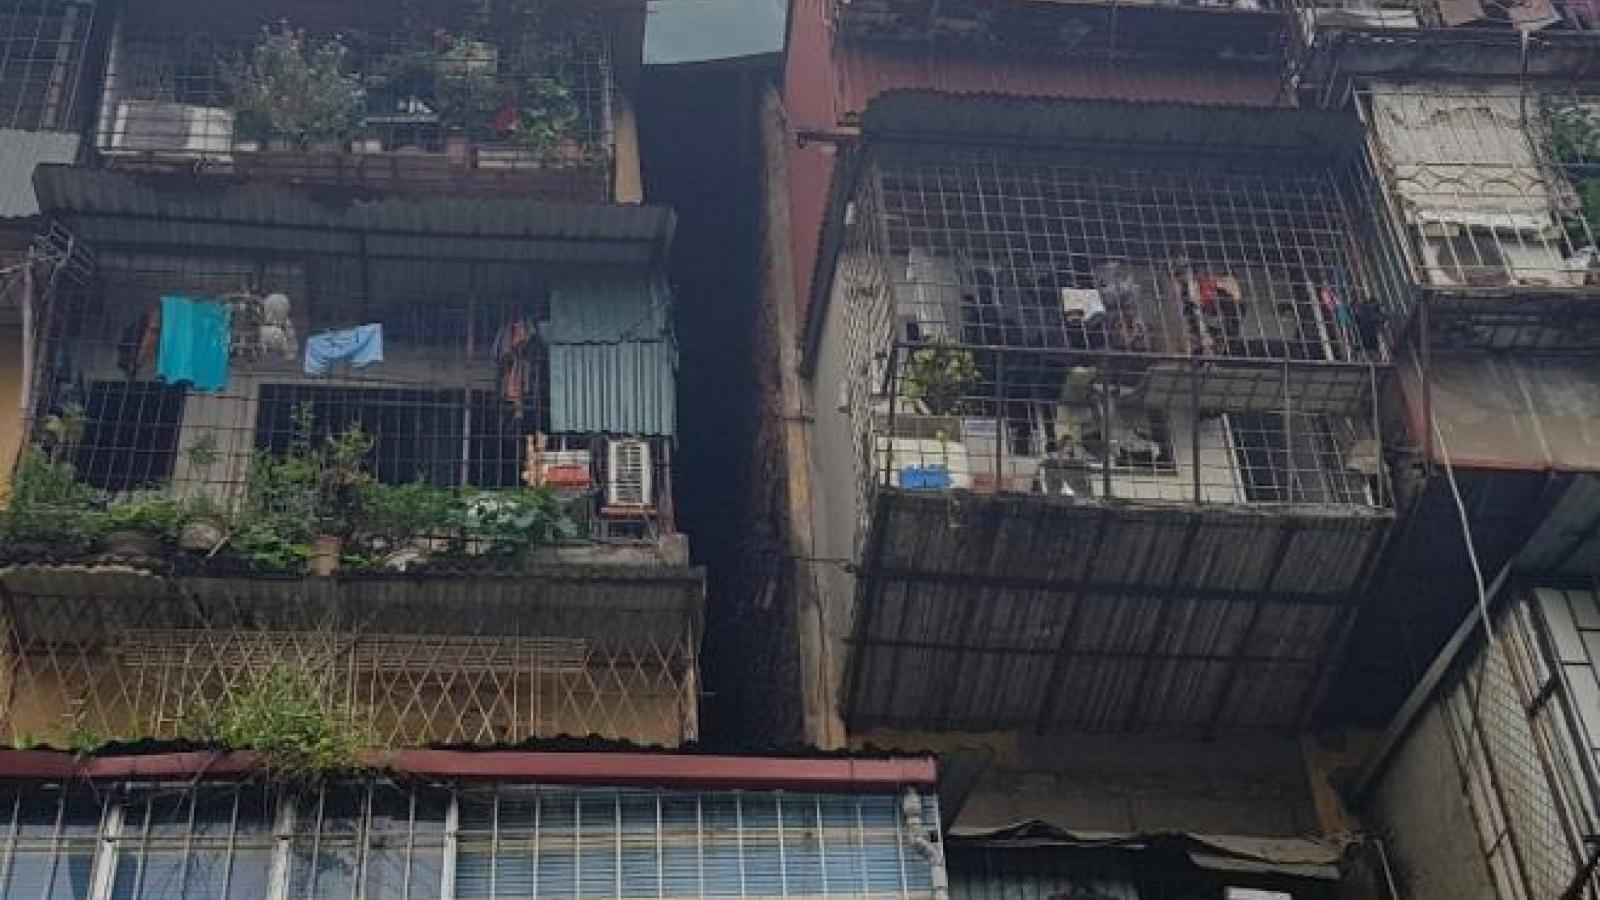 Hà Nội kiên quyết di dời dân ra khỏi chung cư cũ cấp độ D